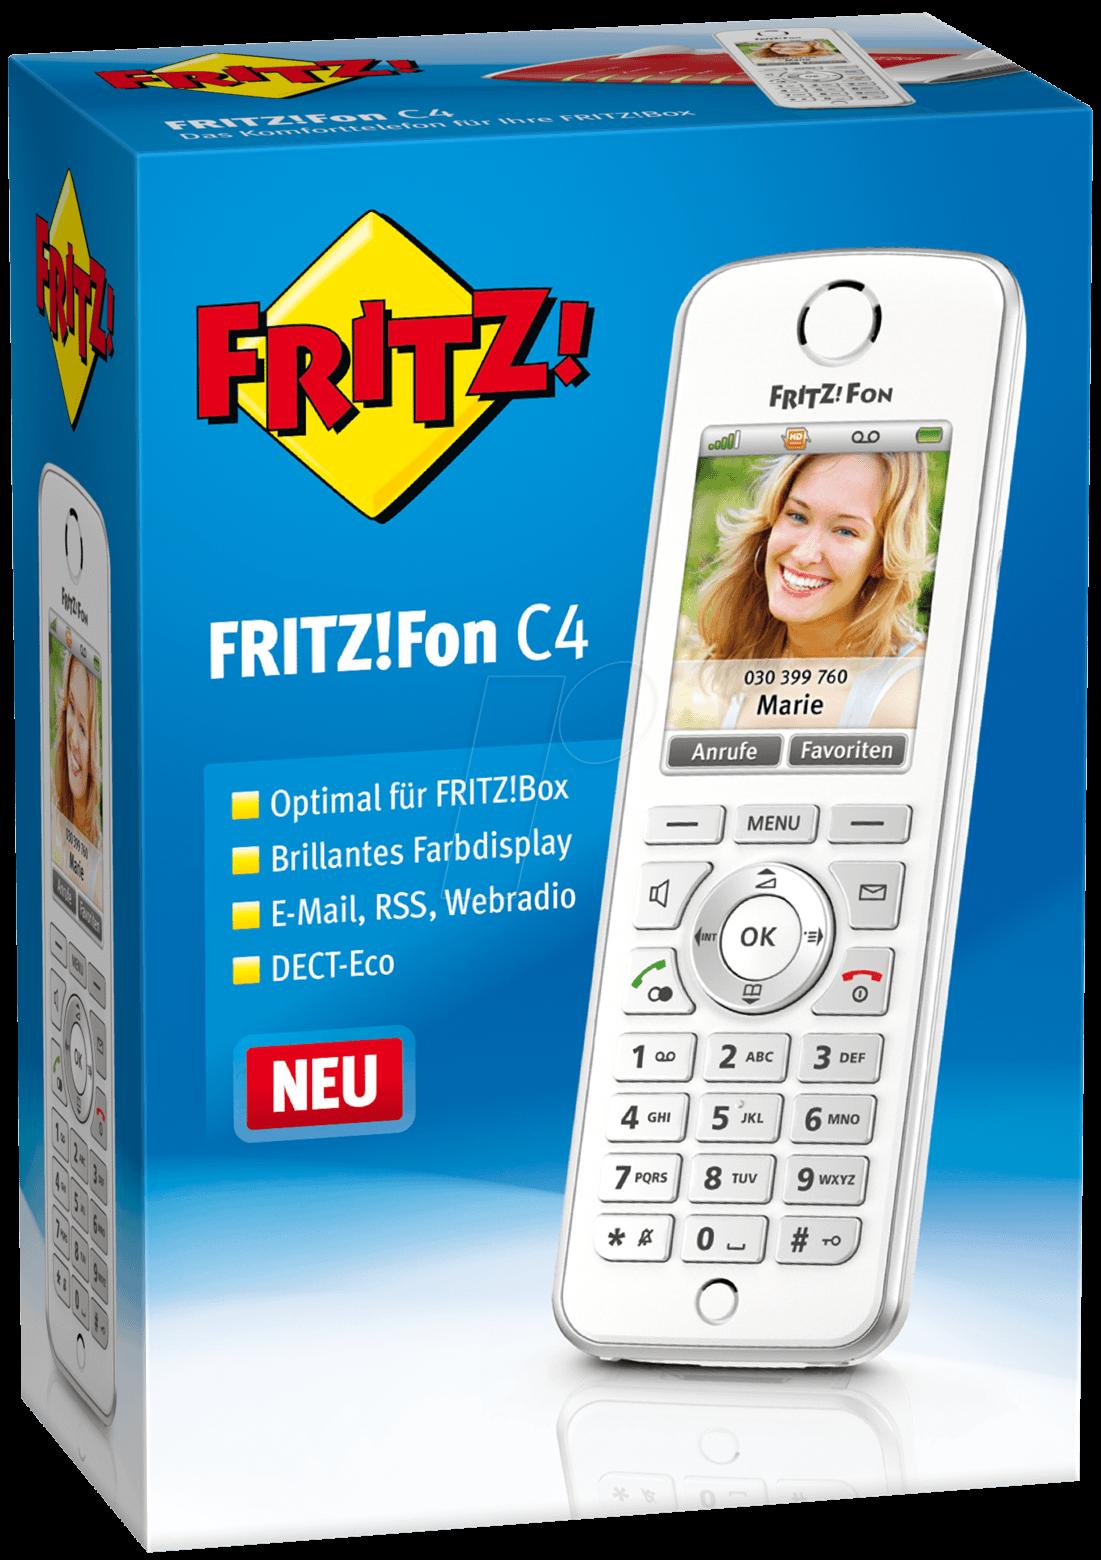 https://cdn-reichelt.de/bilder/web/xxl_ws/G100/AVM_FRITZFON_C4_07.png